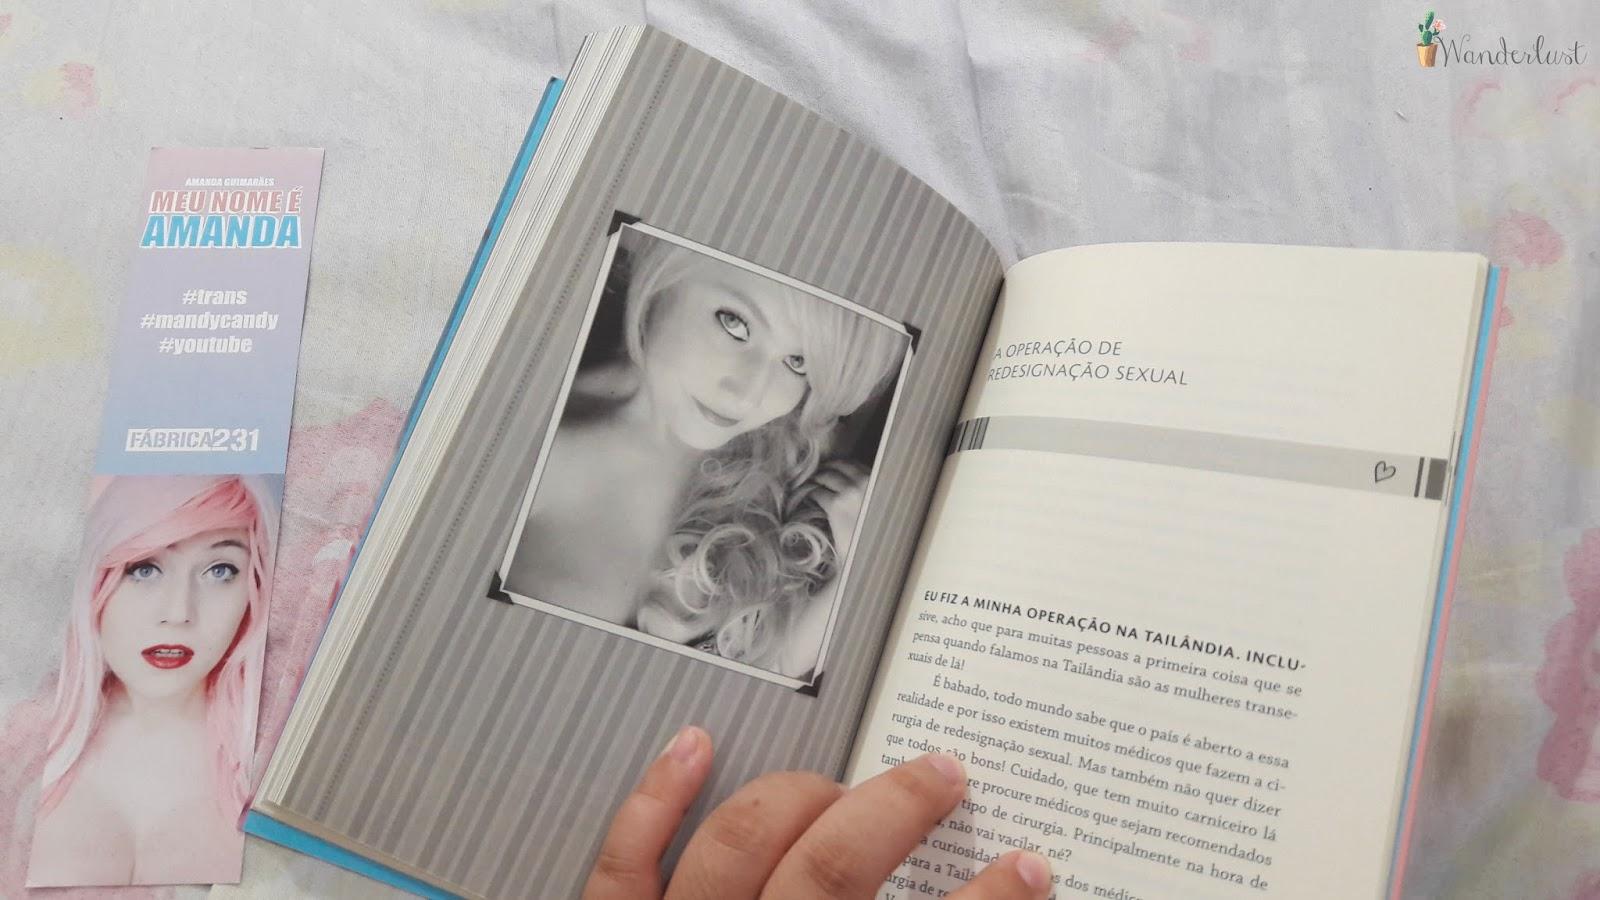 leituras, micaela ramos, livro, fotografia, meu nome é amanda, amanda guimaraes, mandy candy, youtuber brasileira, trans, lgbt, love wins,